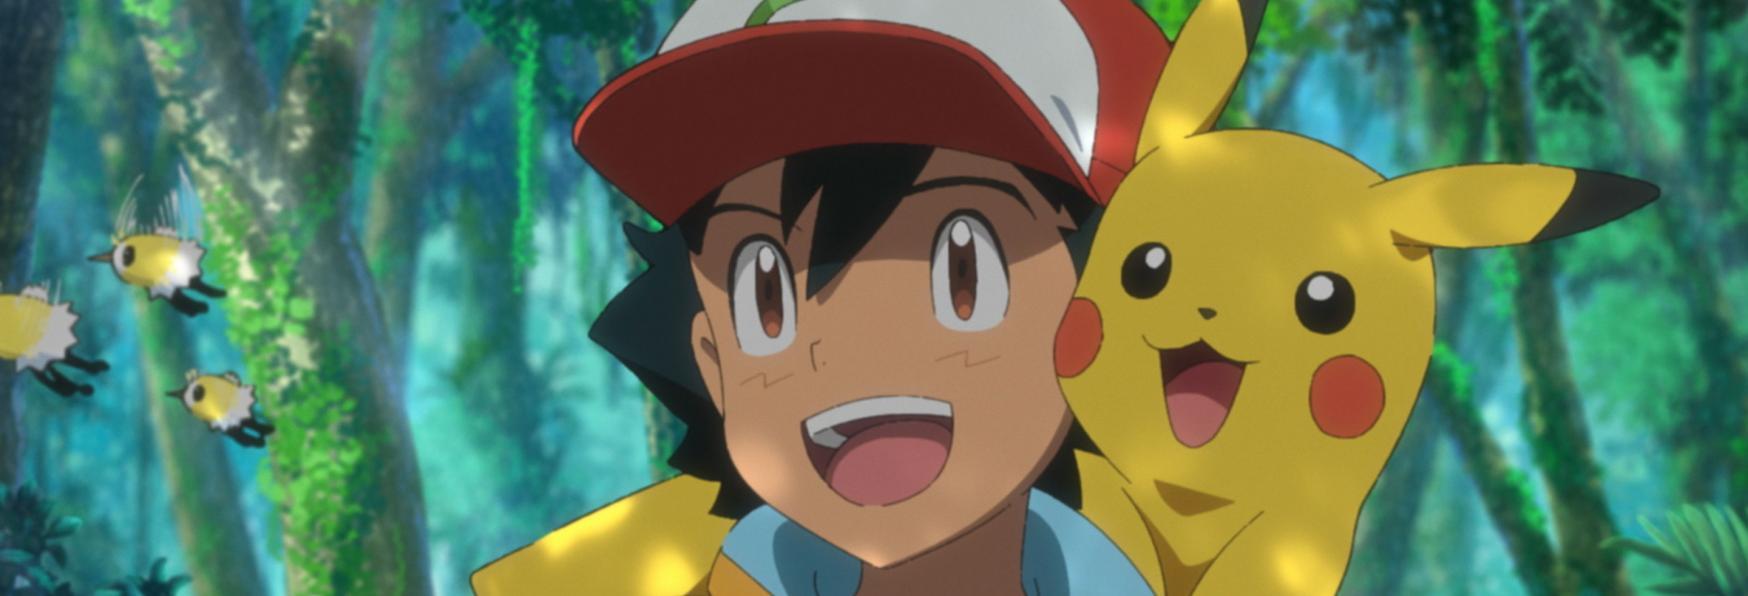 Pokémon: in Fase di Sviluppo per Netflix una Serie TV Live-Action?